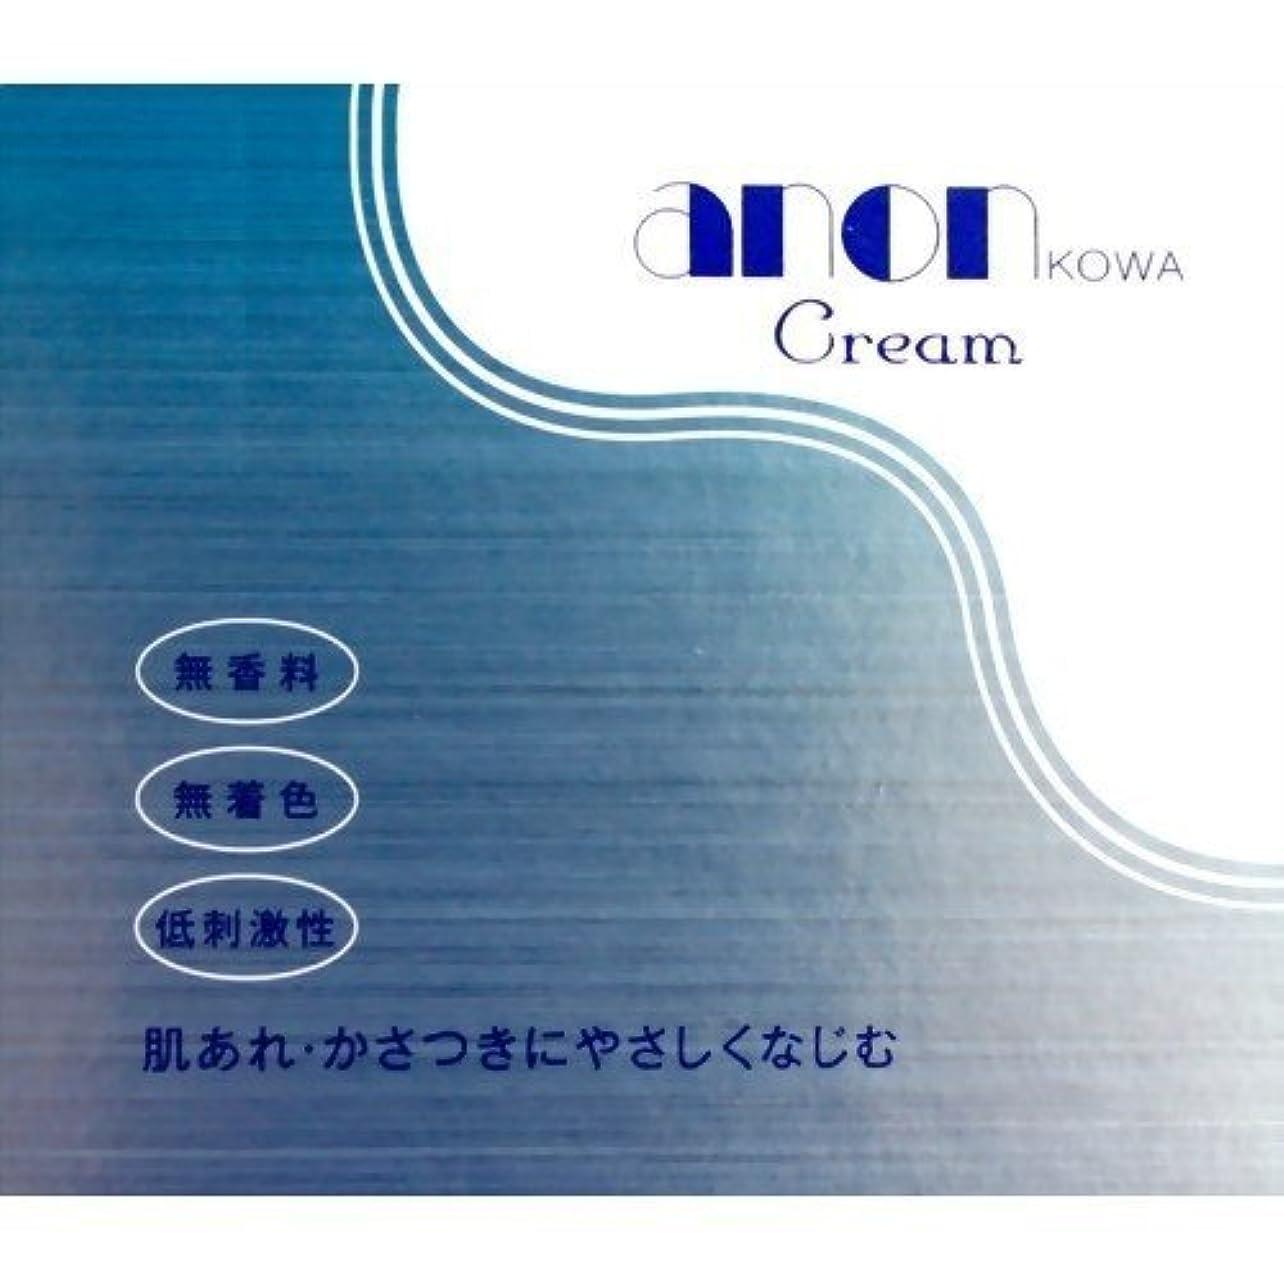 ブラケットレキシコン尾興和新薬 アノンコーワクリーム(160g)×2